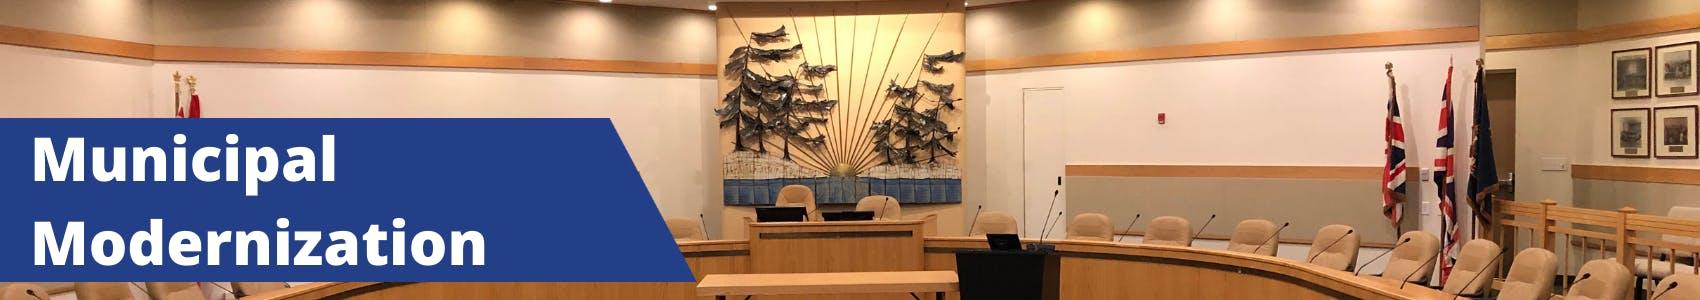 District Municipality of Muskoka's council chambers